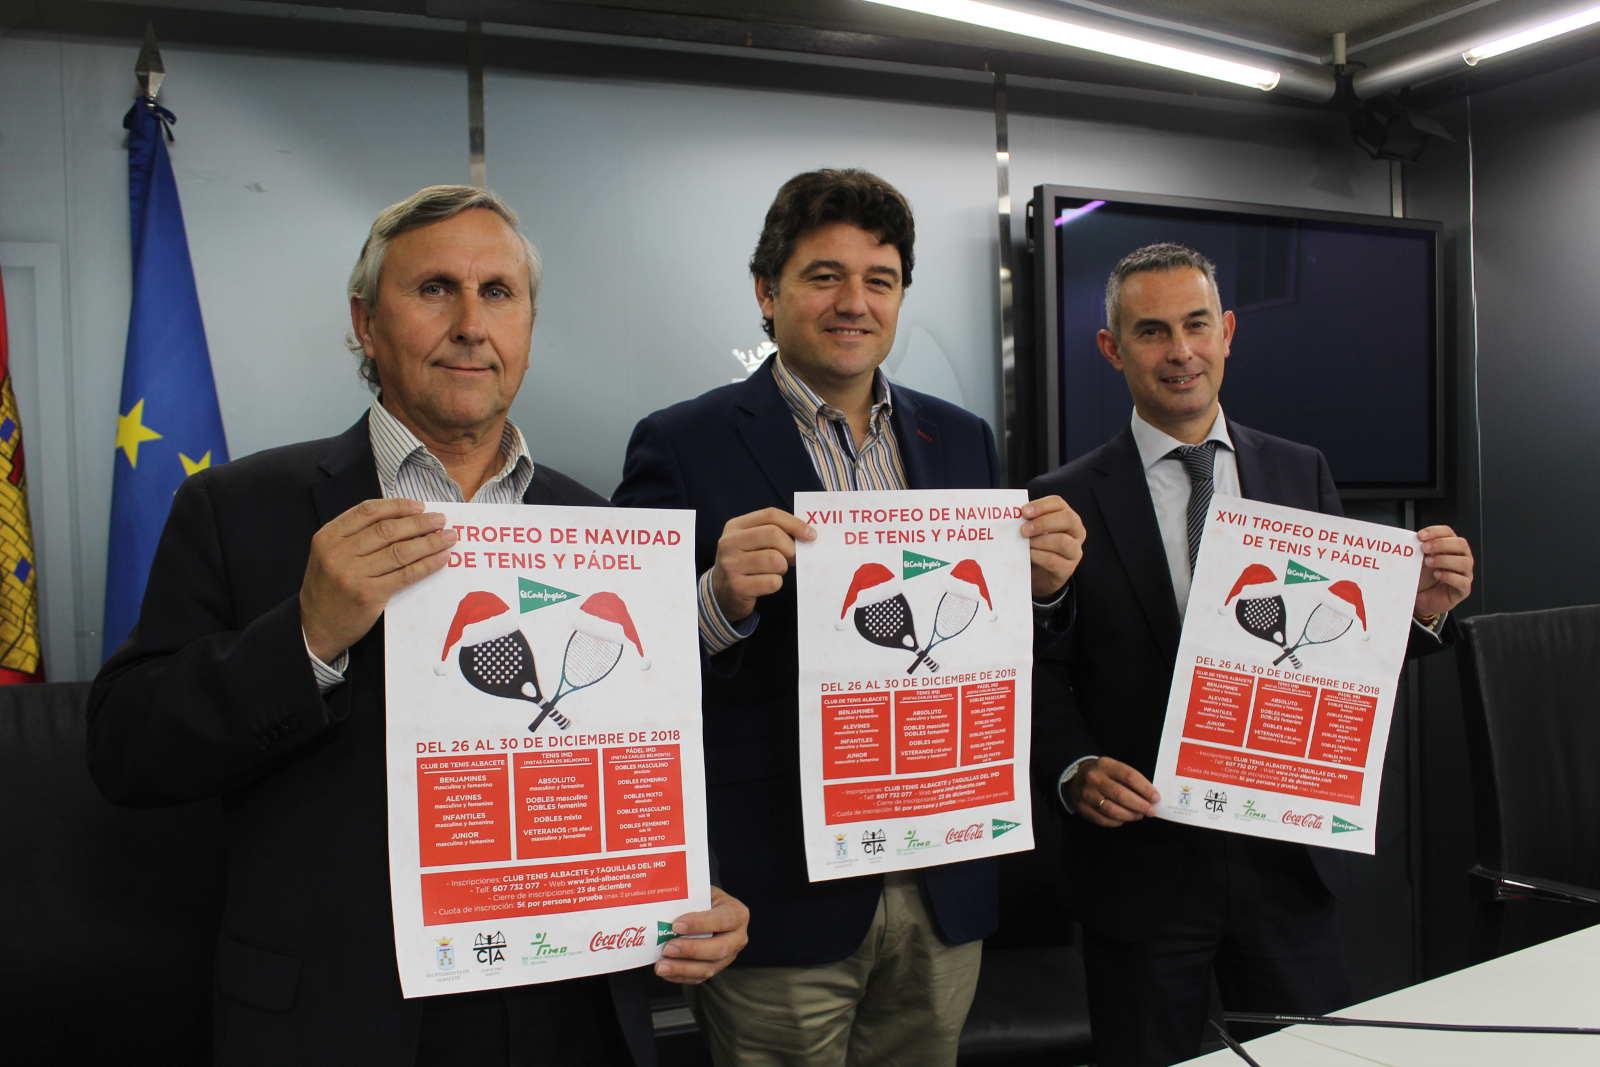 XVII edición del Trofeo de Navidad de Tenis El Corte Inglés